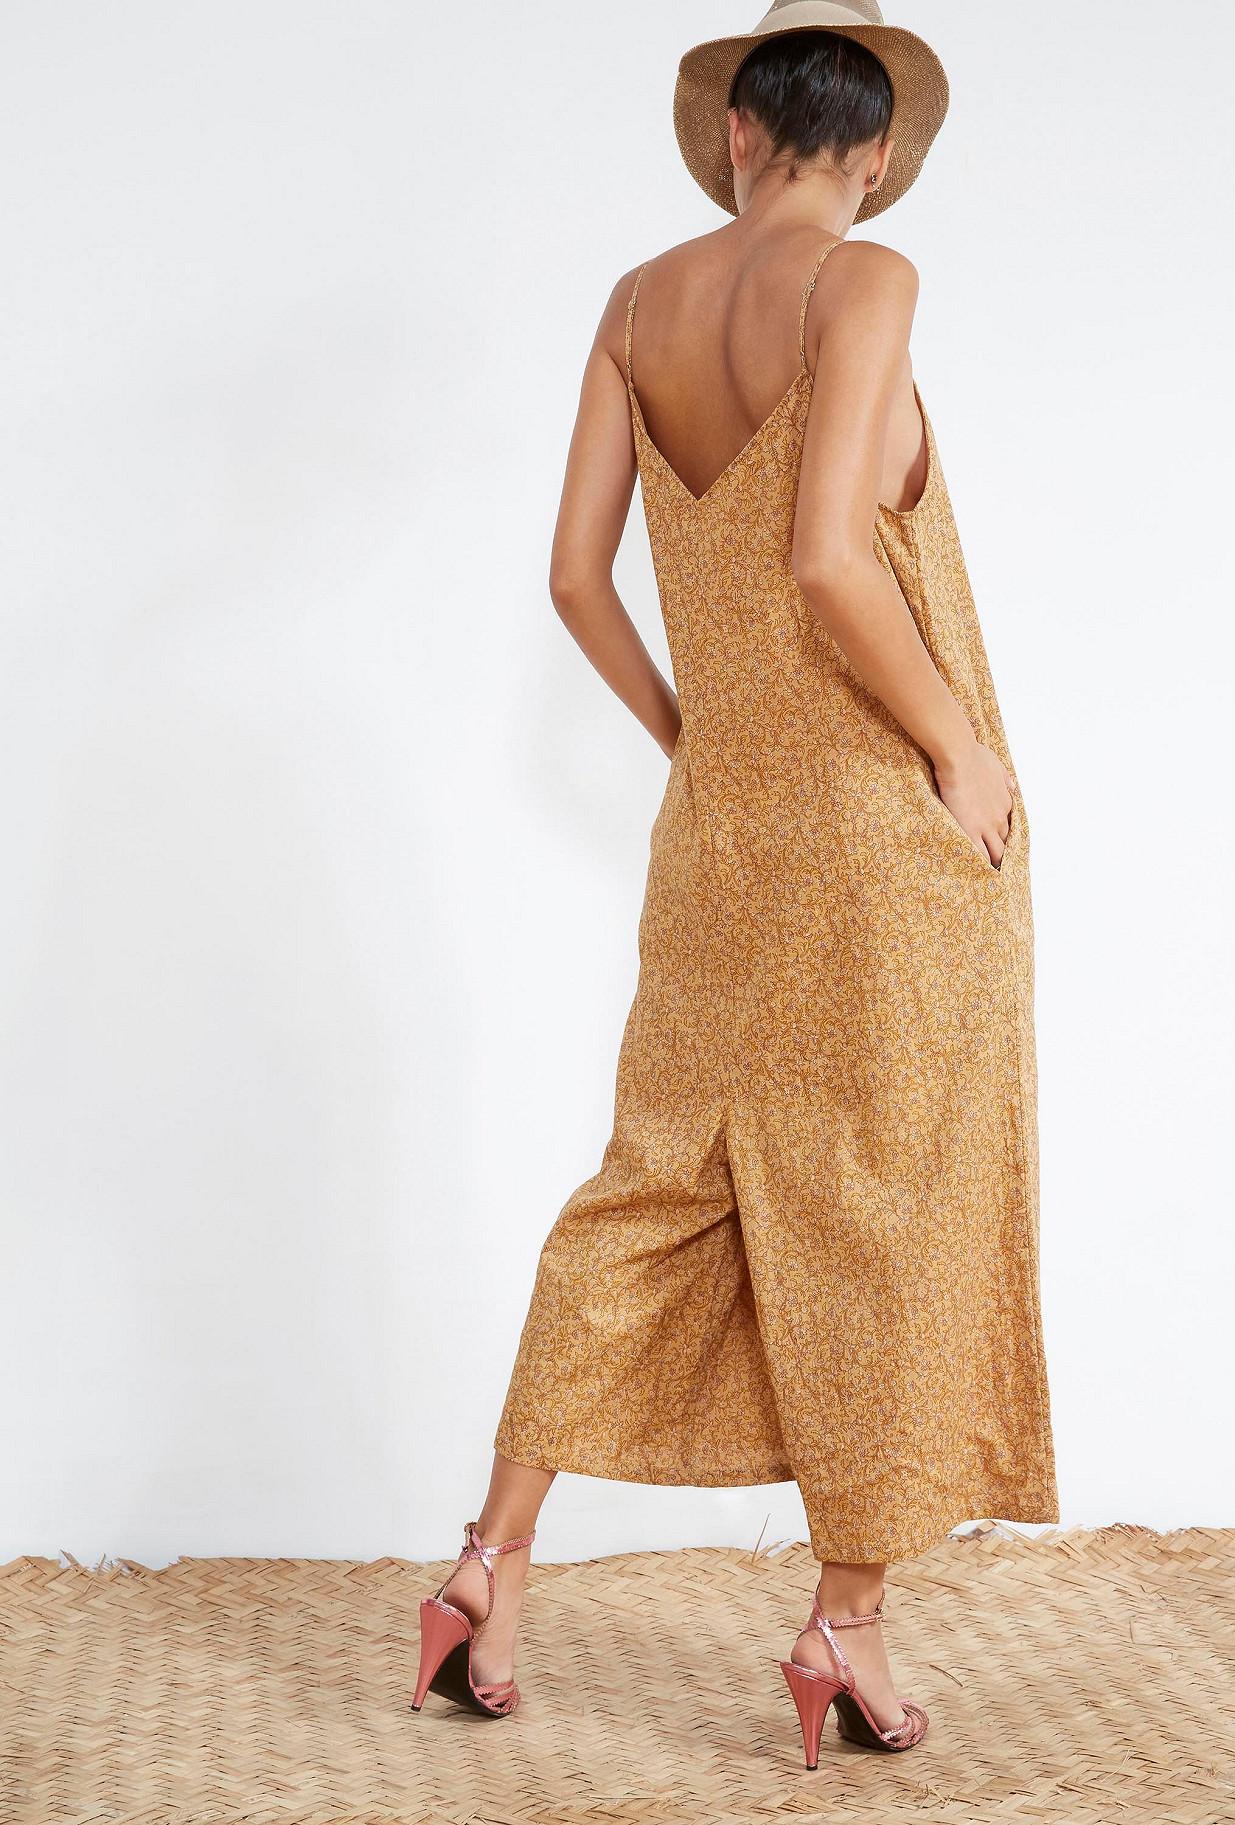 boutique de pantalon femme albertine mode createur paris. Black Bedroom Furniture Sets. Home Design Ideas